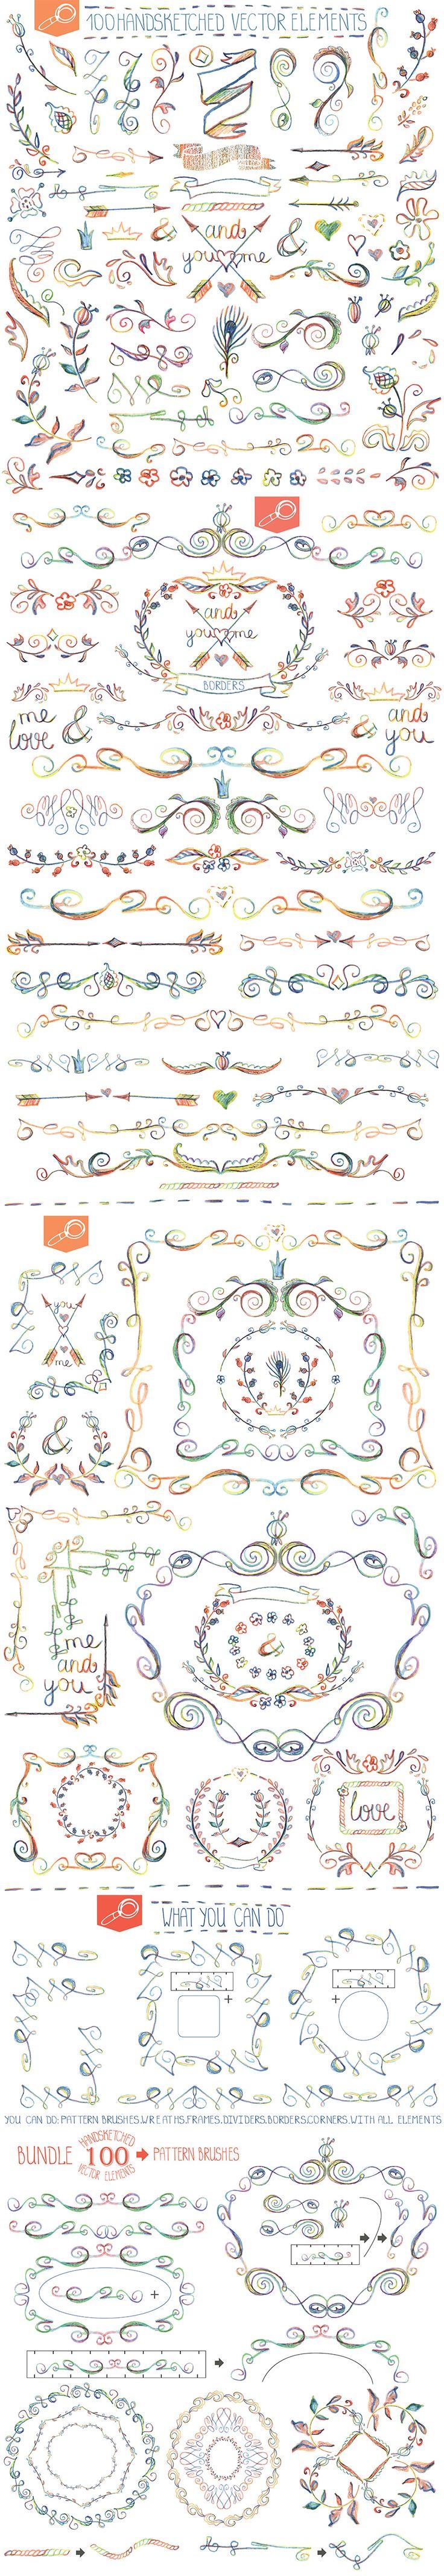 Handsketched designer Bundle Vector